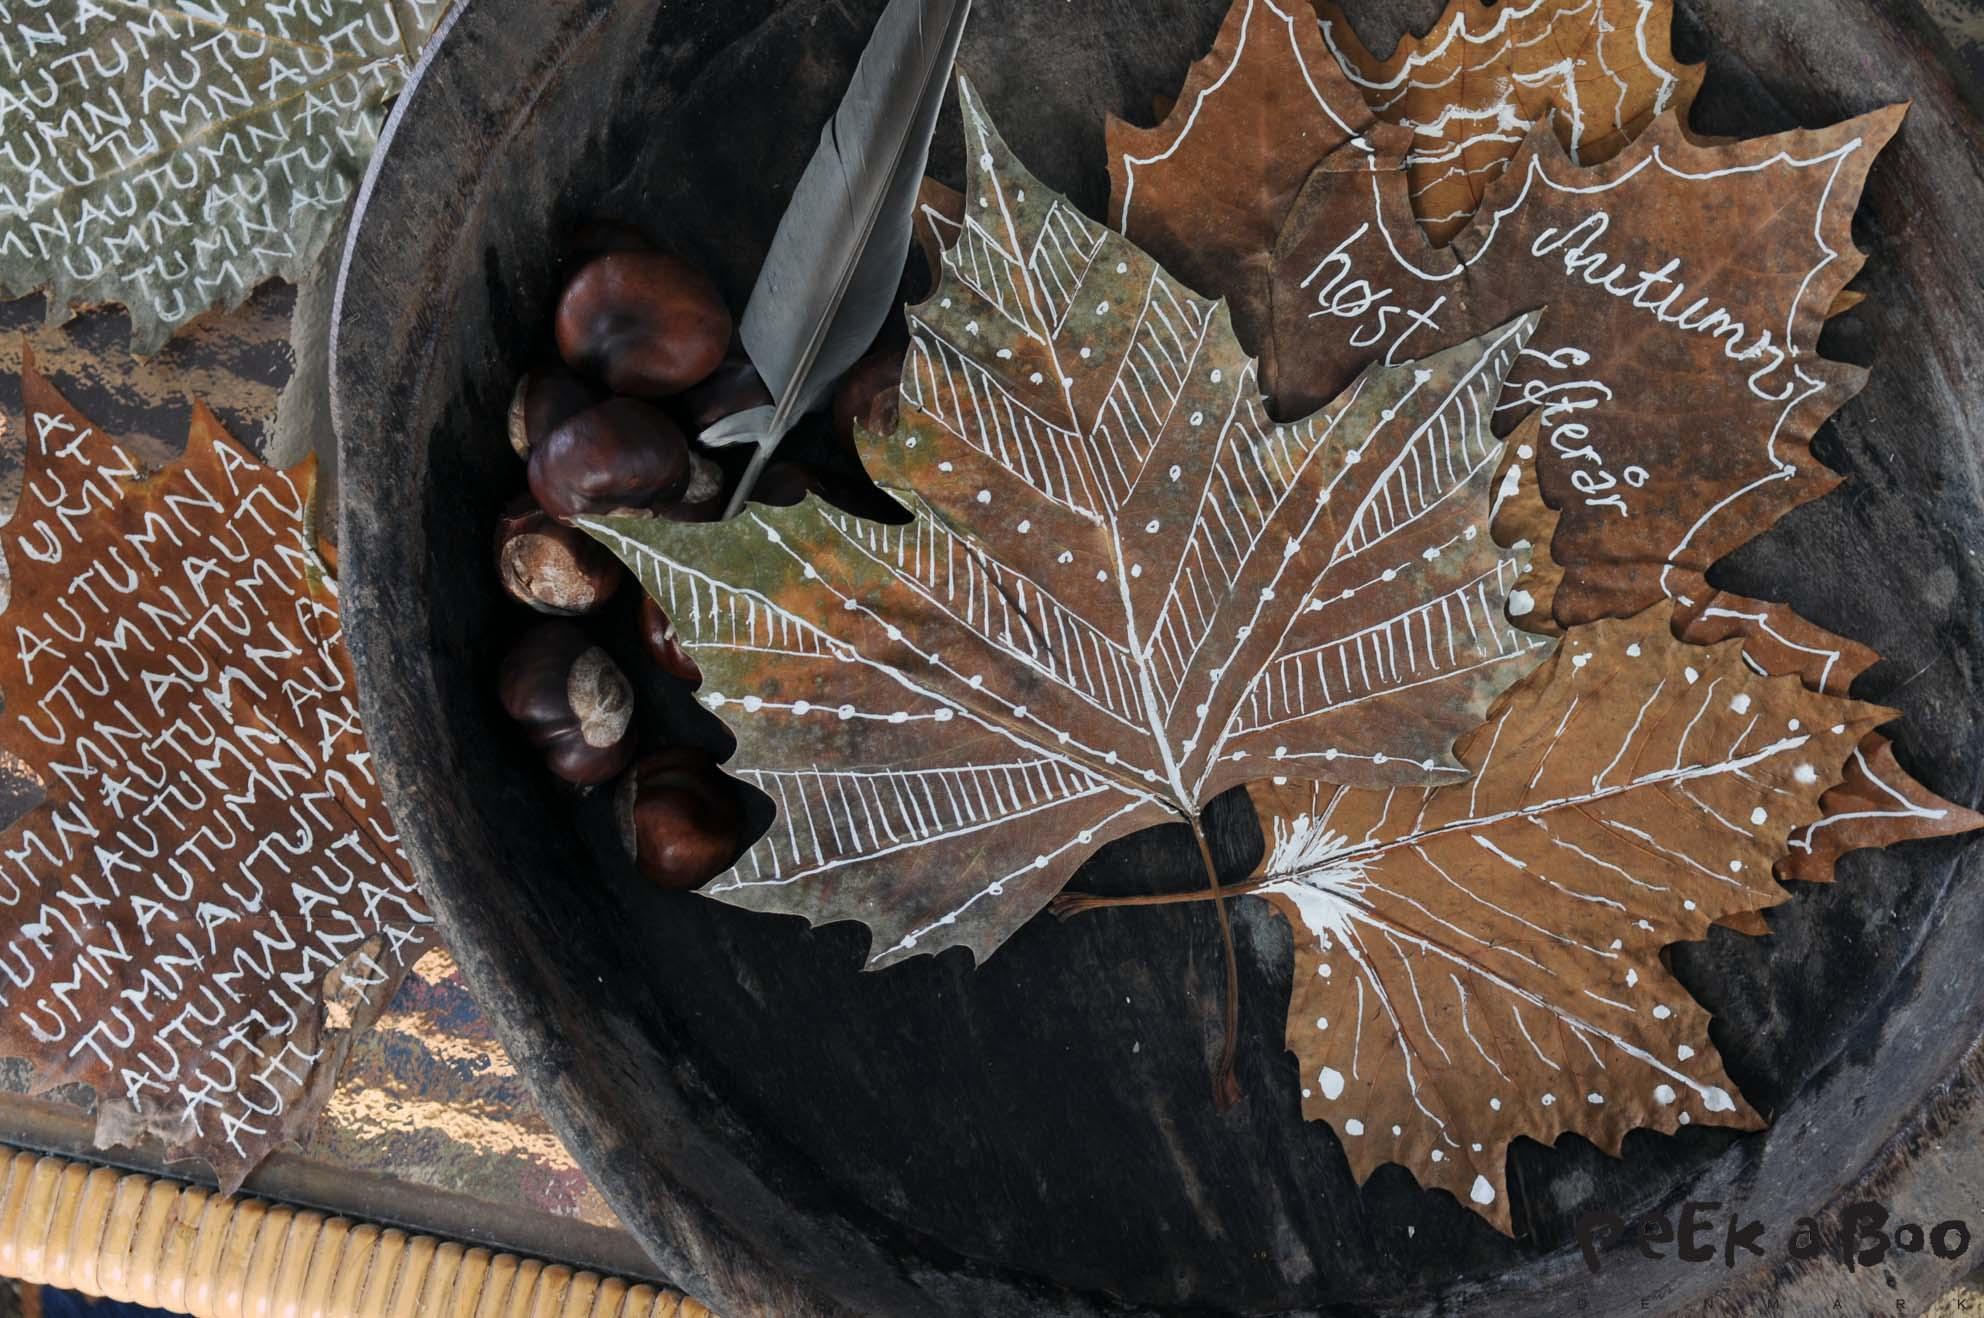 Autum feeling with DIY leafs